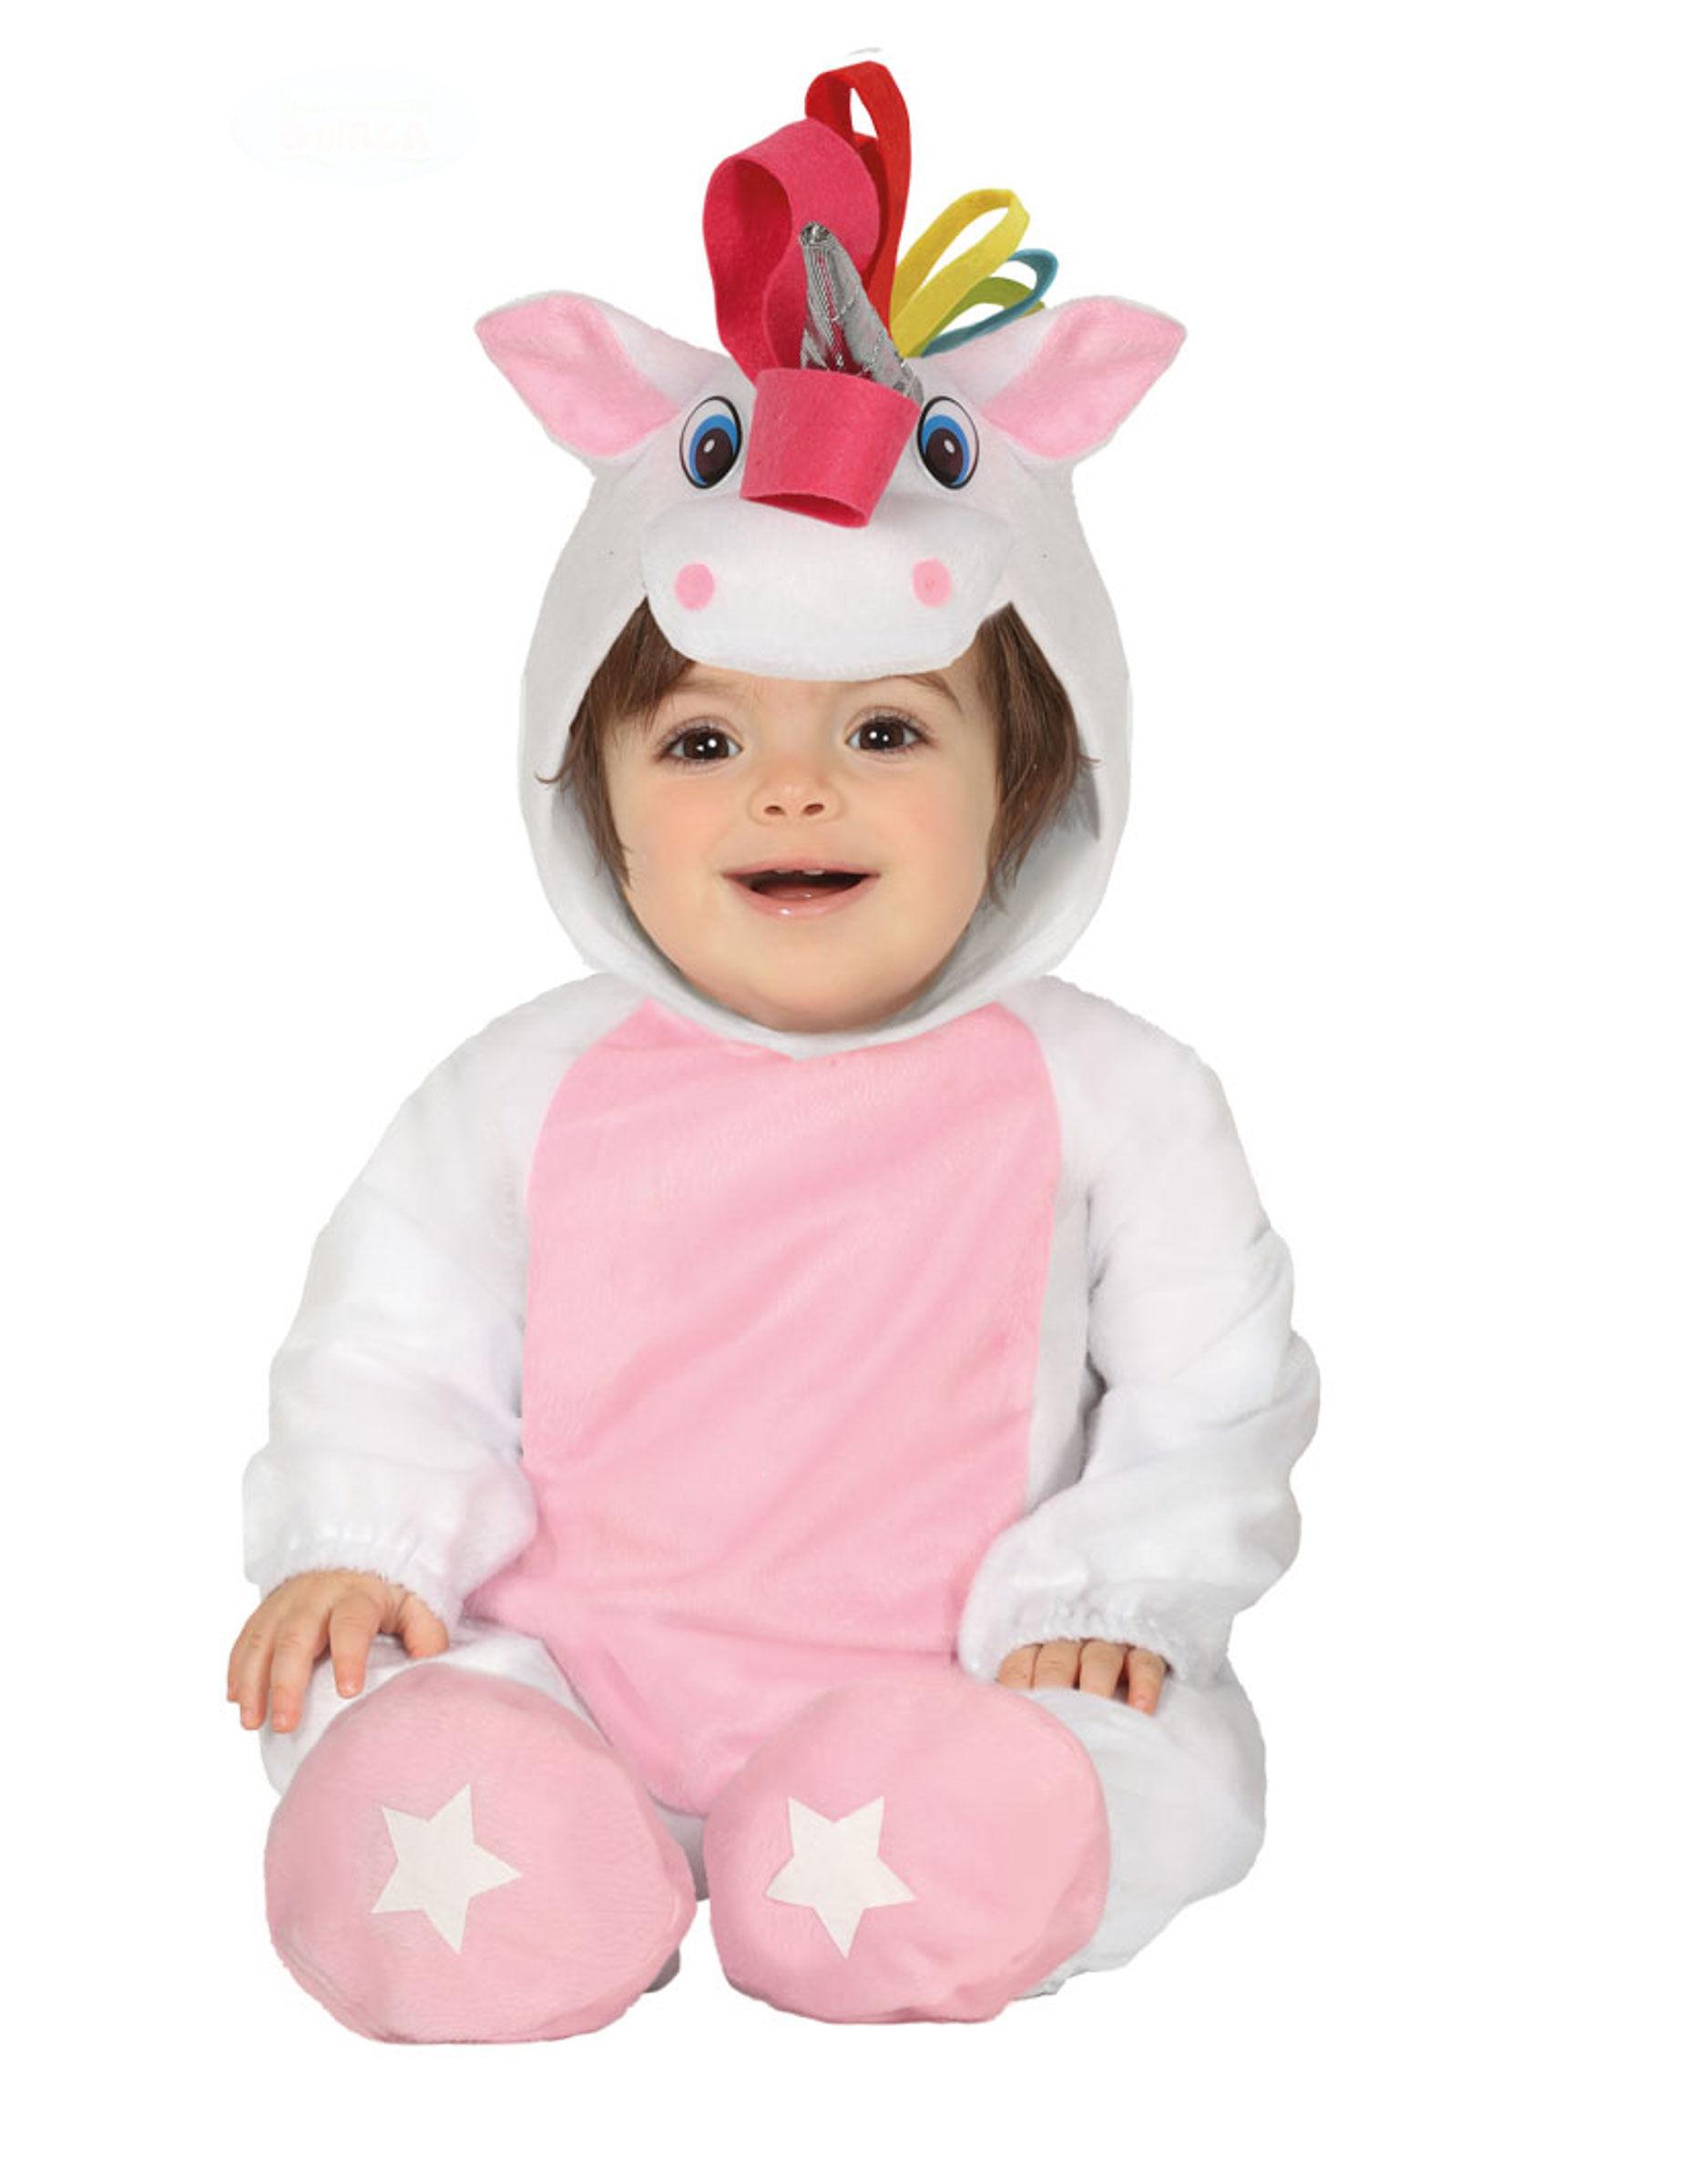 Deguisetoi Déguisement combinaison avec capuche licorne blanche bébé - Taille: 6 à 12 mois (82-83 cm)